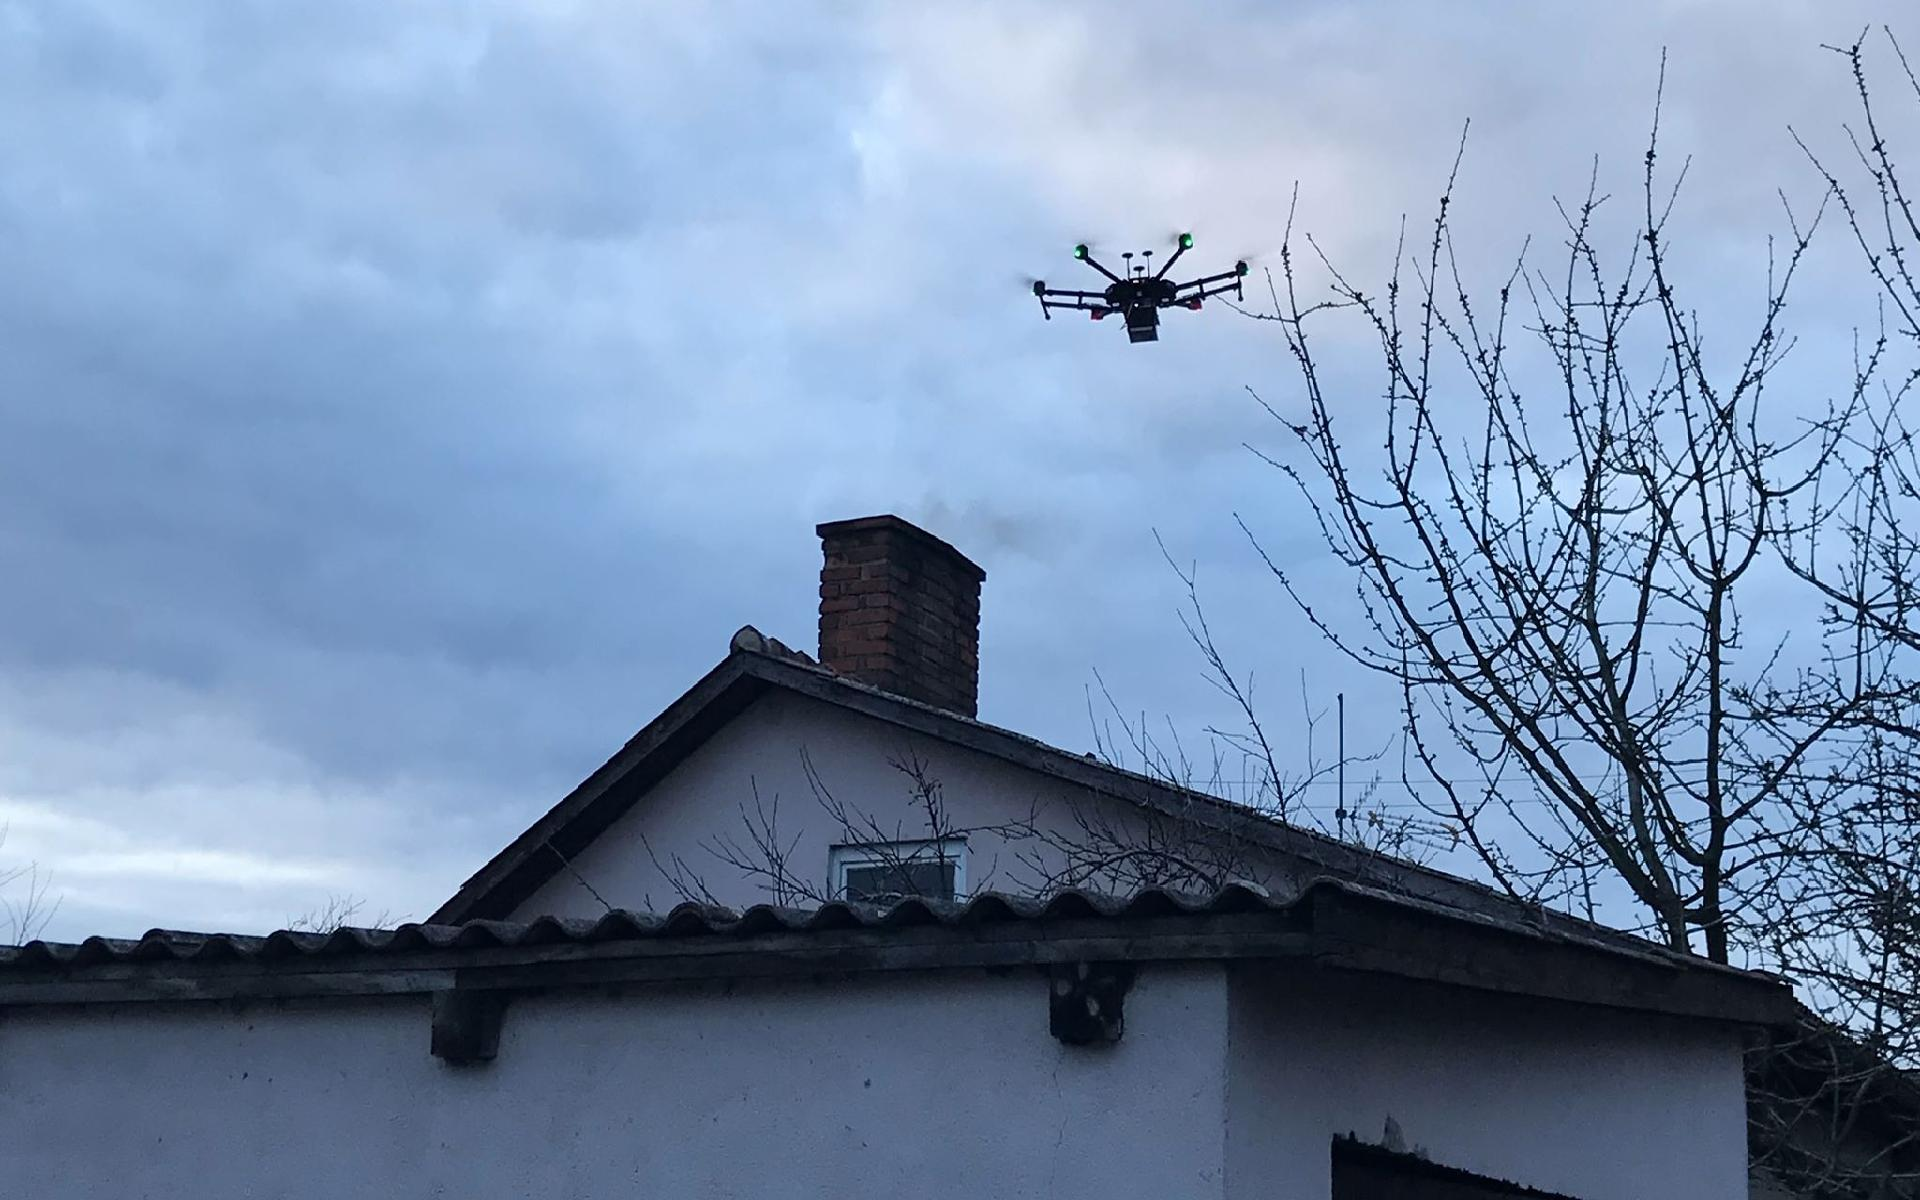 Czujnik podpięty do drona pozwoli wykryć w spalinach emitowanych z komina danej posesji związki chemiczne, które z dużym prawdopodobieństwem wskazywać będą na spalanie odpadów (fot. poznan.pl)